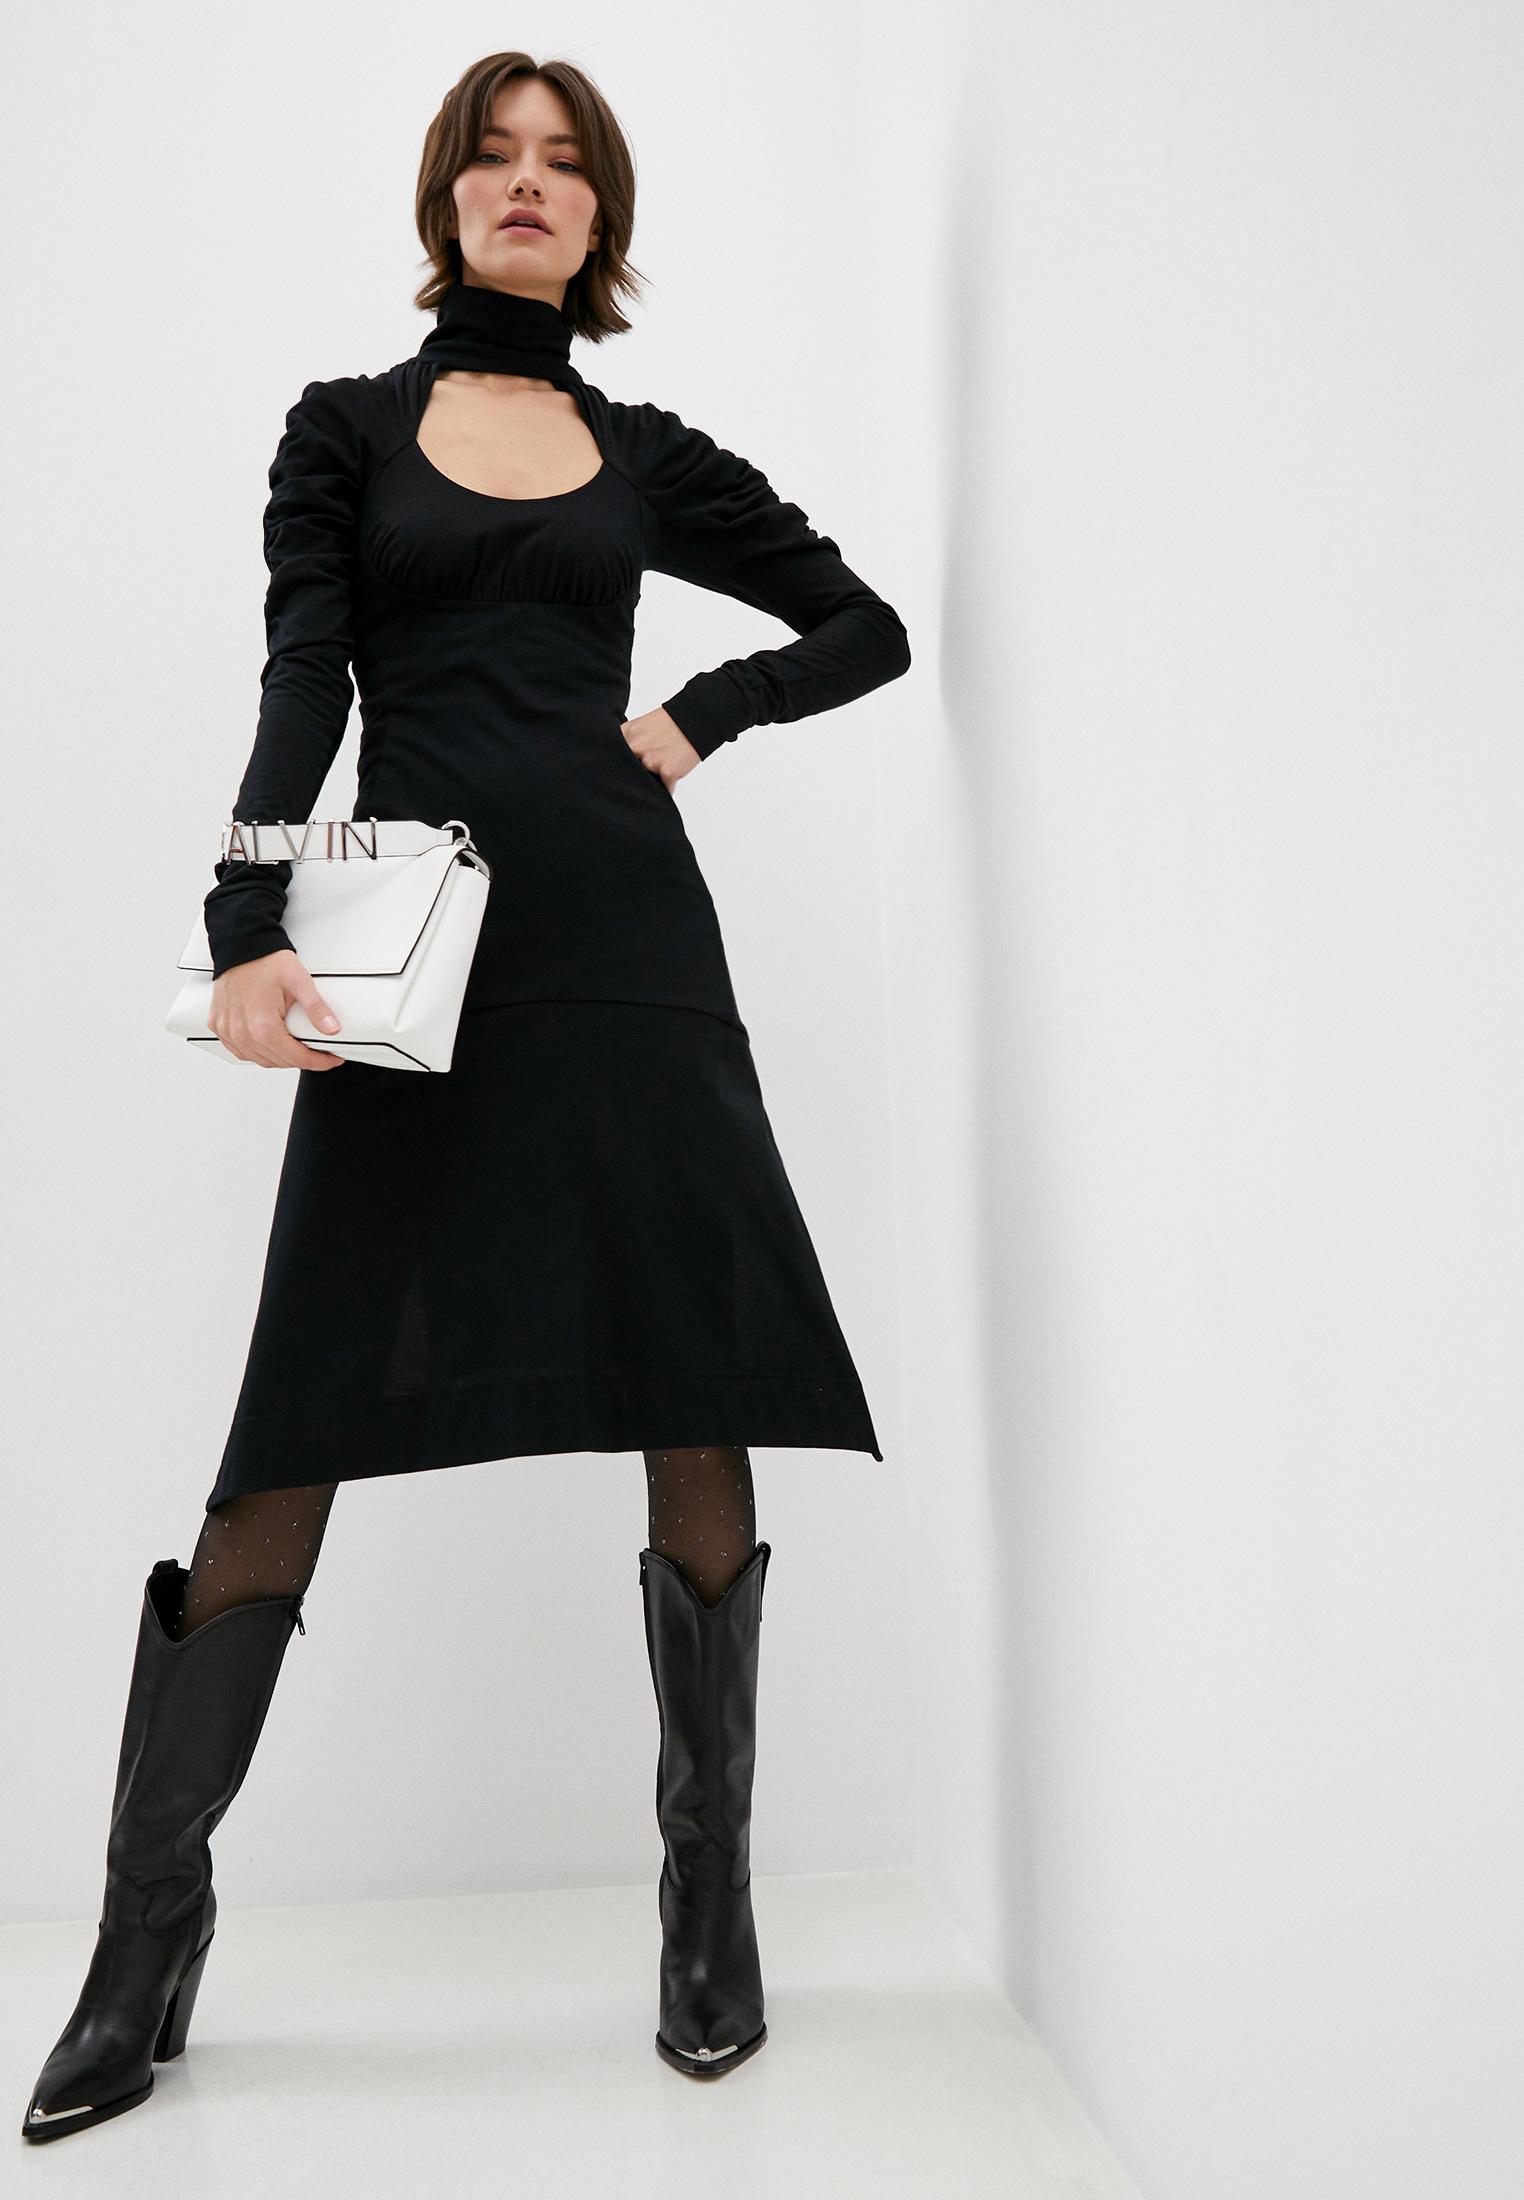 Вечернее / коктейльное платье Vivienne Westwood 16010034-21686-CT: изображение 3